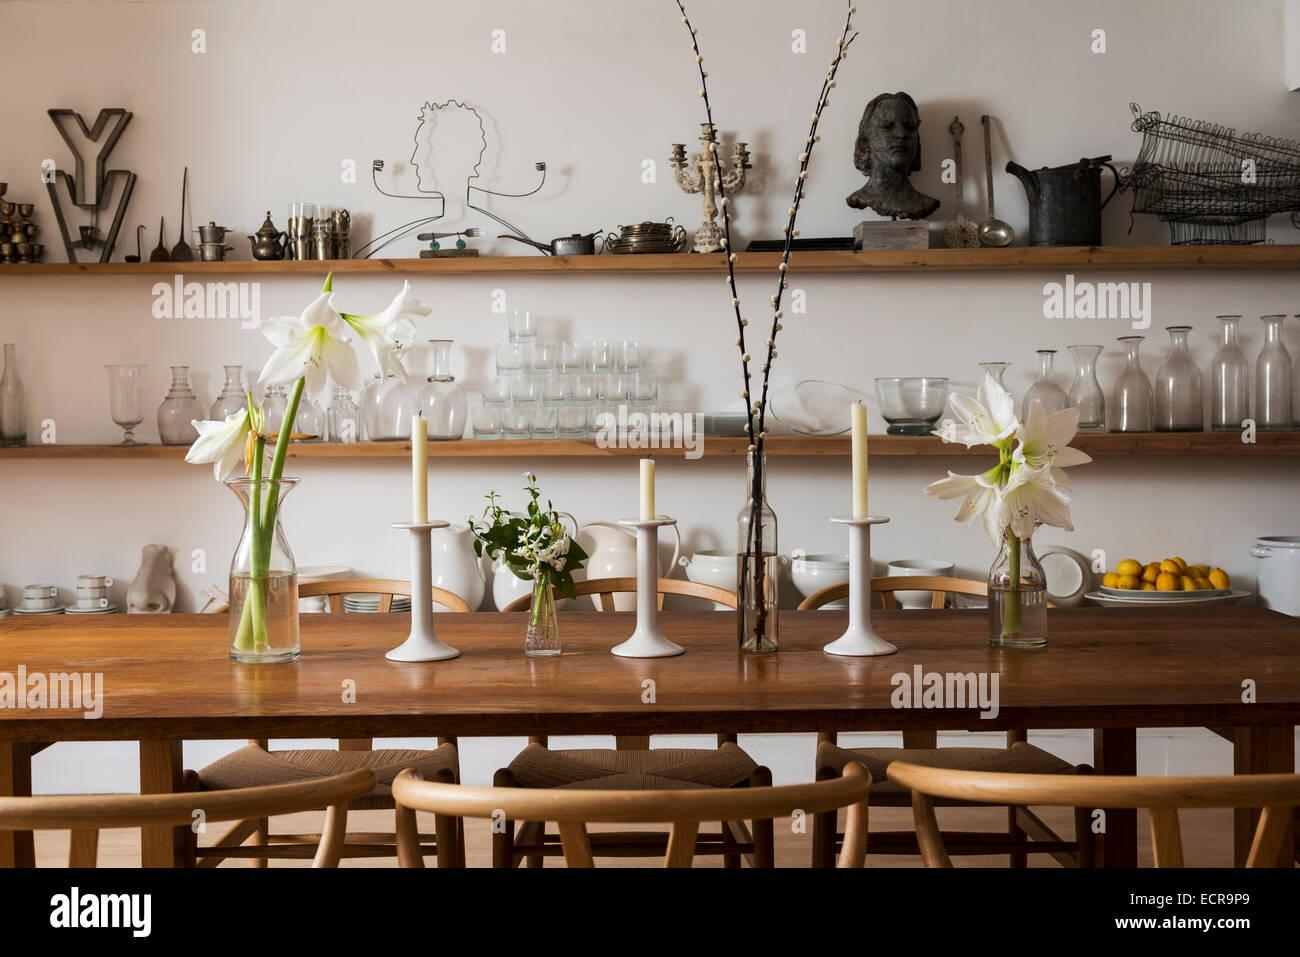 Lilien und Kerzen auf große Bauernhaus Esstisch mit Holzstühlen im stilvollen Speisesaal mit offenen Regalen Stockbild